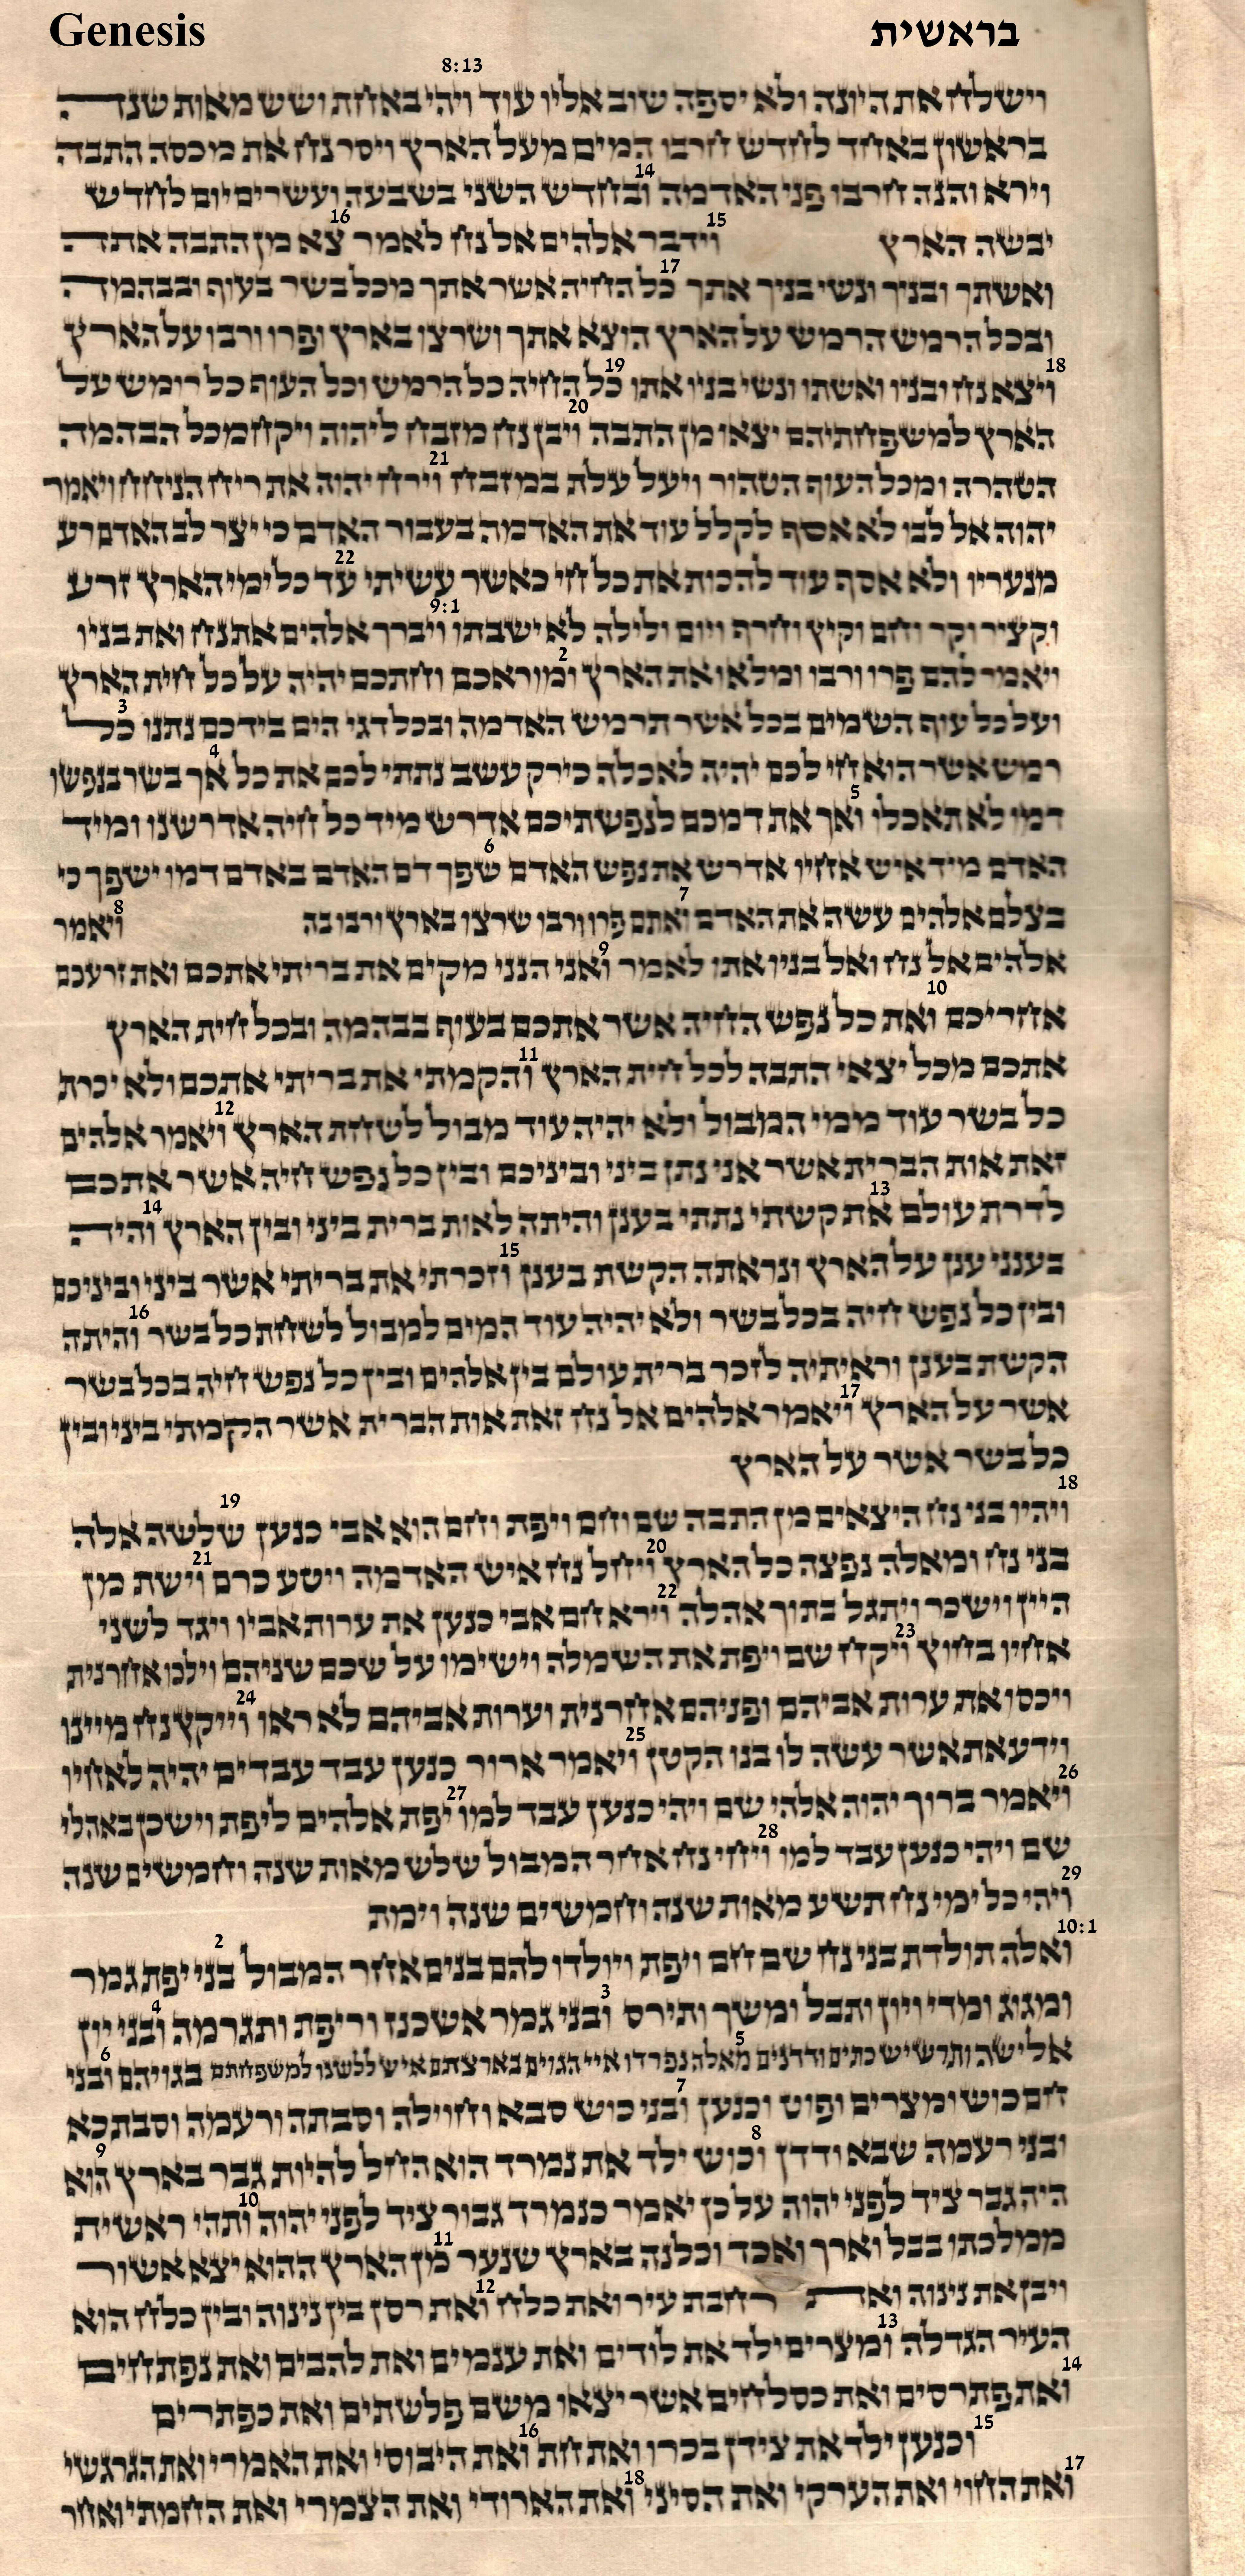 Genesis 8.13 - 10.18